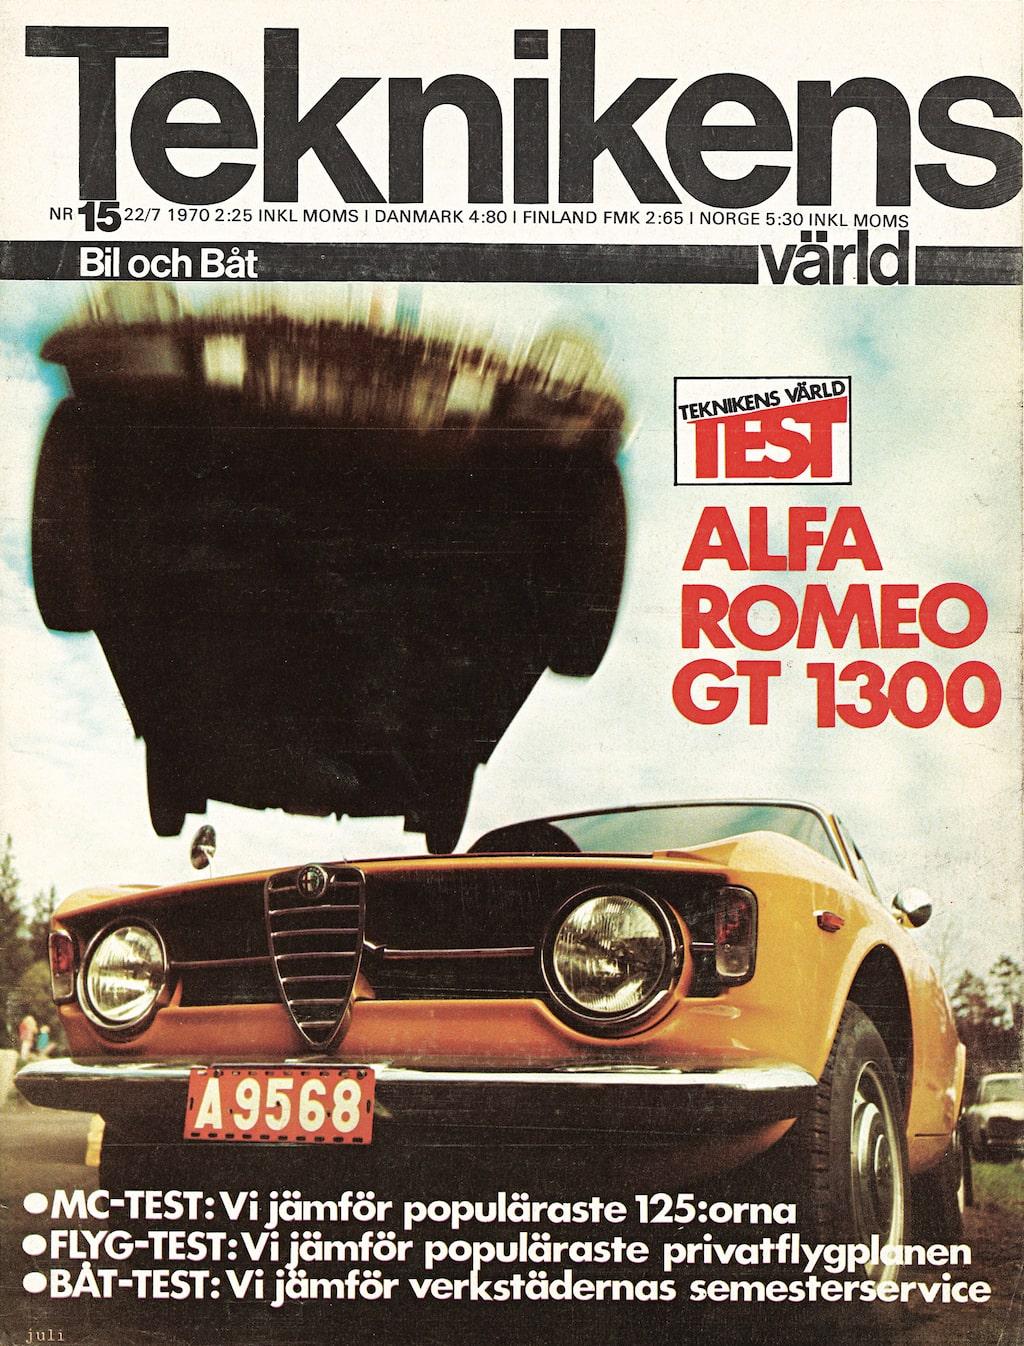 """Vilken slump – det är troligen samma bil som Teknikens Värld testade i TV15/1970 som vi kör i dag! Då drog vi slutsatsen """"För entusiasten med liten plånbok är Alfa Romeo 1300 GT Junior ett fynd"""". Men simultankapacitet krävdes uppenbarligen. """"En bil som Alfan kräver rätt mycket av föraren. Man har två, tre viktiga instrument att hålla reda på, och även rent mekaniskt måste man vara känslig och ha sinne för materialet""""."""